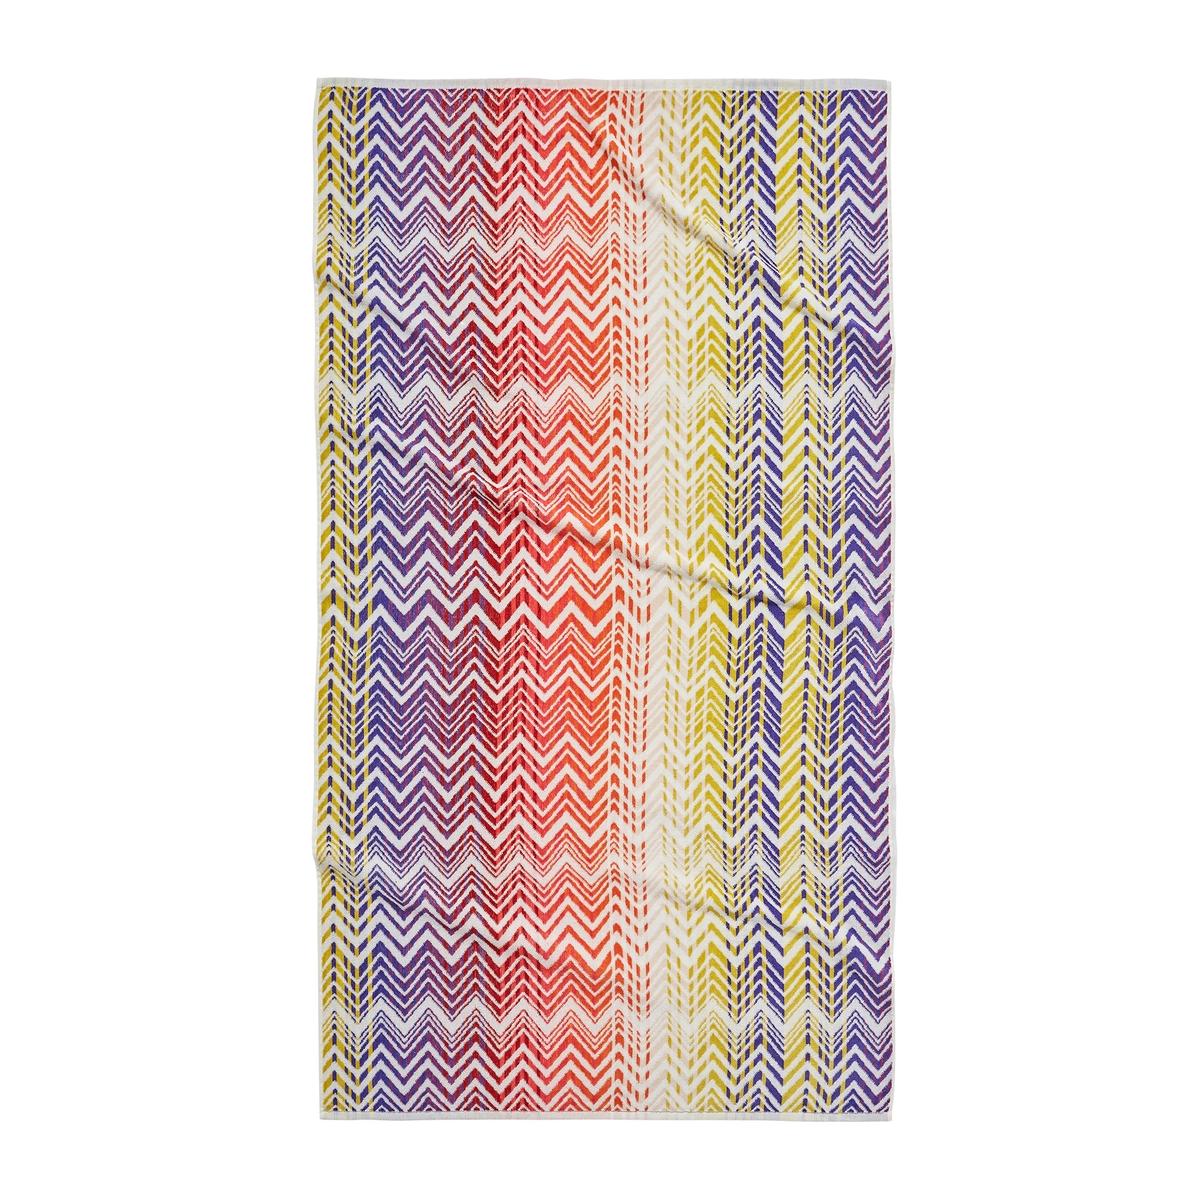 Полотенце пляжное из жаккарда RESIA [супермаркет] hing jingdong полотенца сушка хлопчатобумажные 32 взрослых полотенце три загружено 32 72см смешение цветов